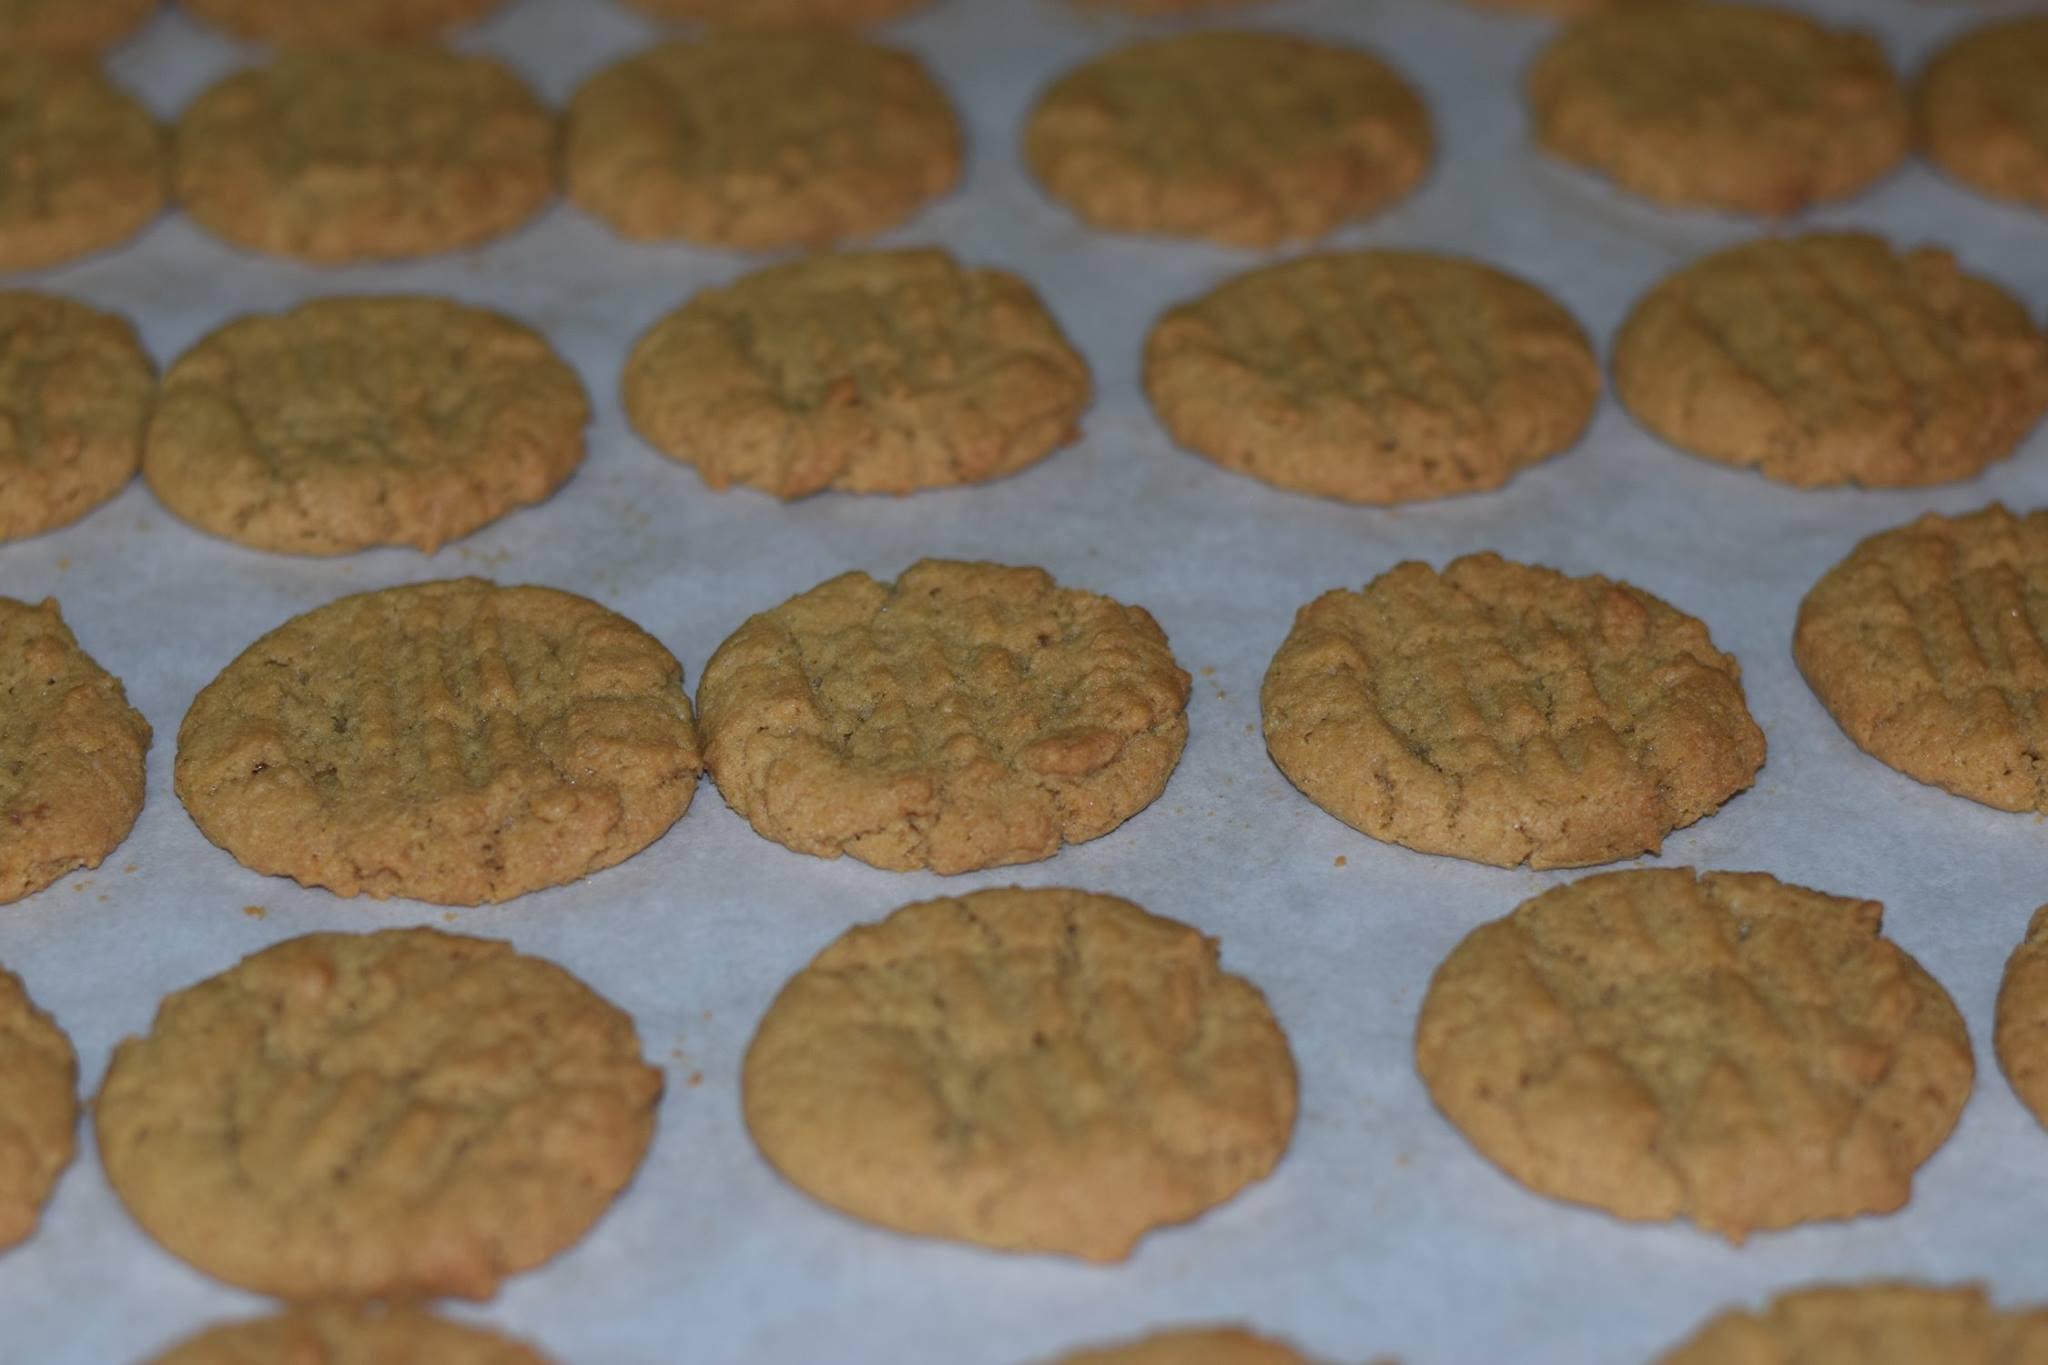 https://0201.nccdn.net/4_2/000/000/048/0a6/Cookies-min-2048x1365-2048x1365.jpg